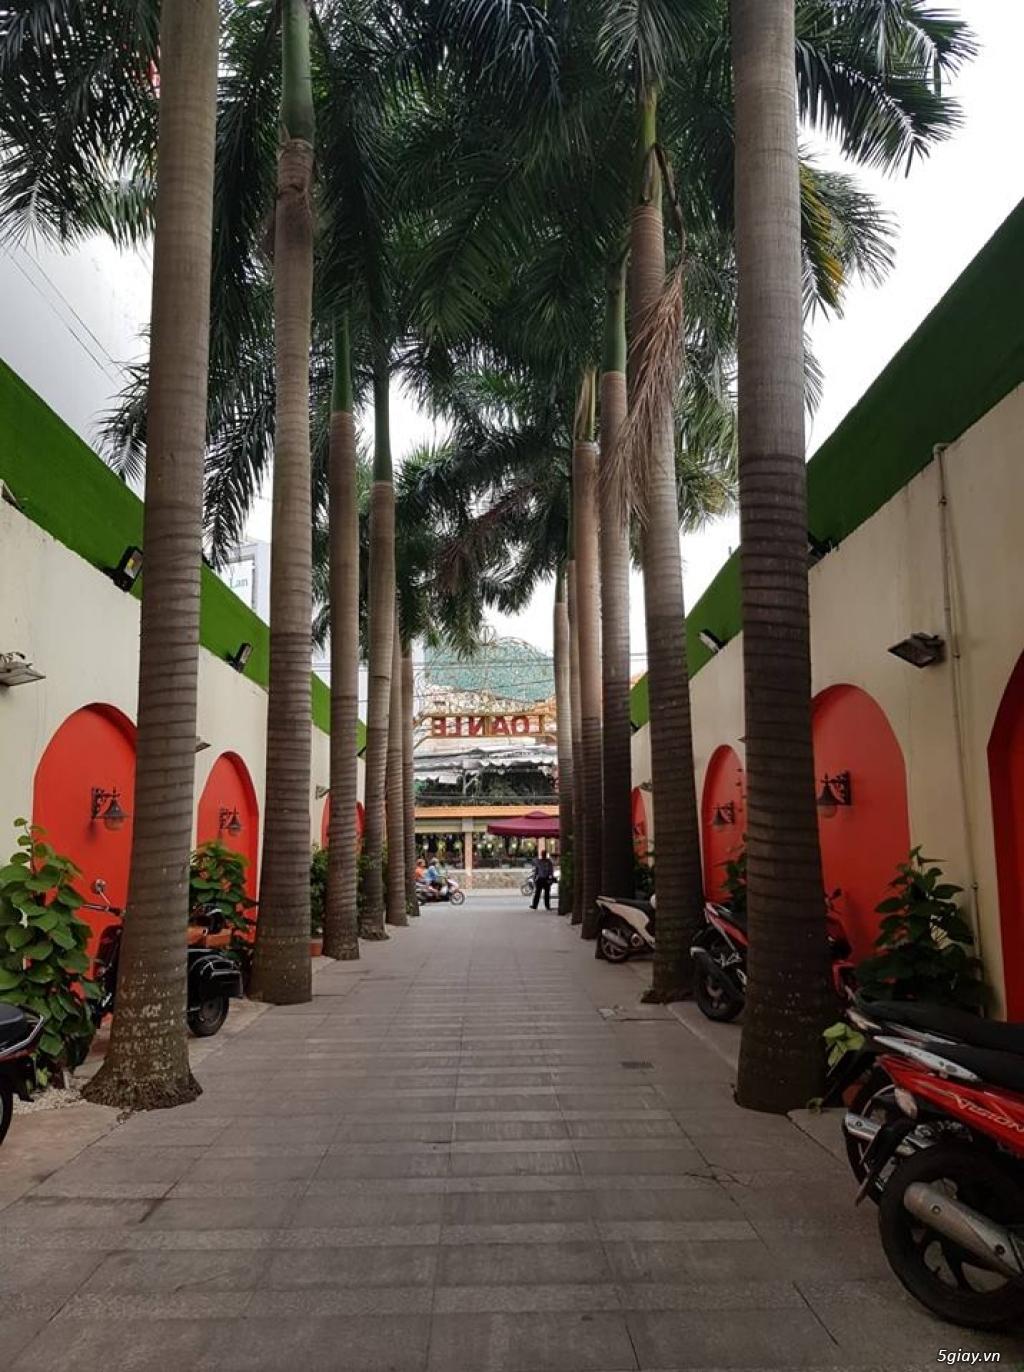 Tân Bình-Văn Phòng từ 1tr3/ bàn, 5tr/ phòng, 145.000đ/m2, tổng 5000m2 - 3